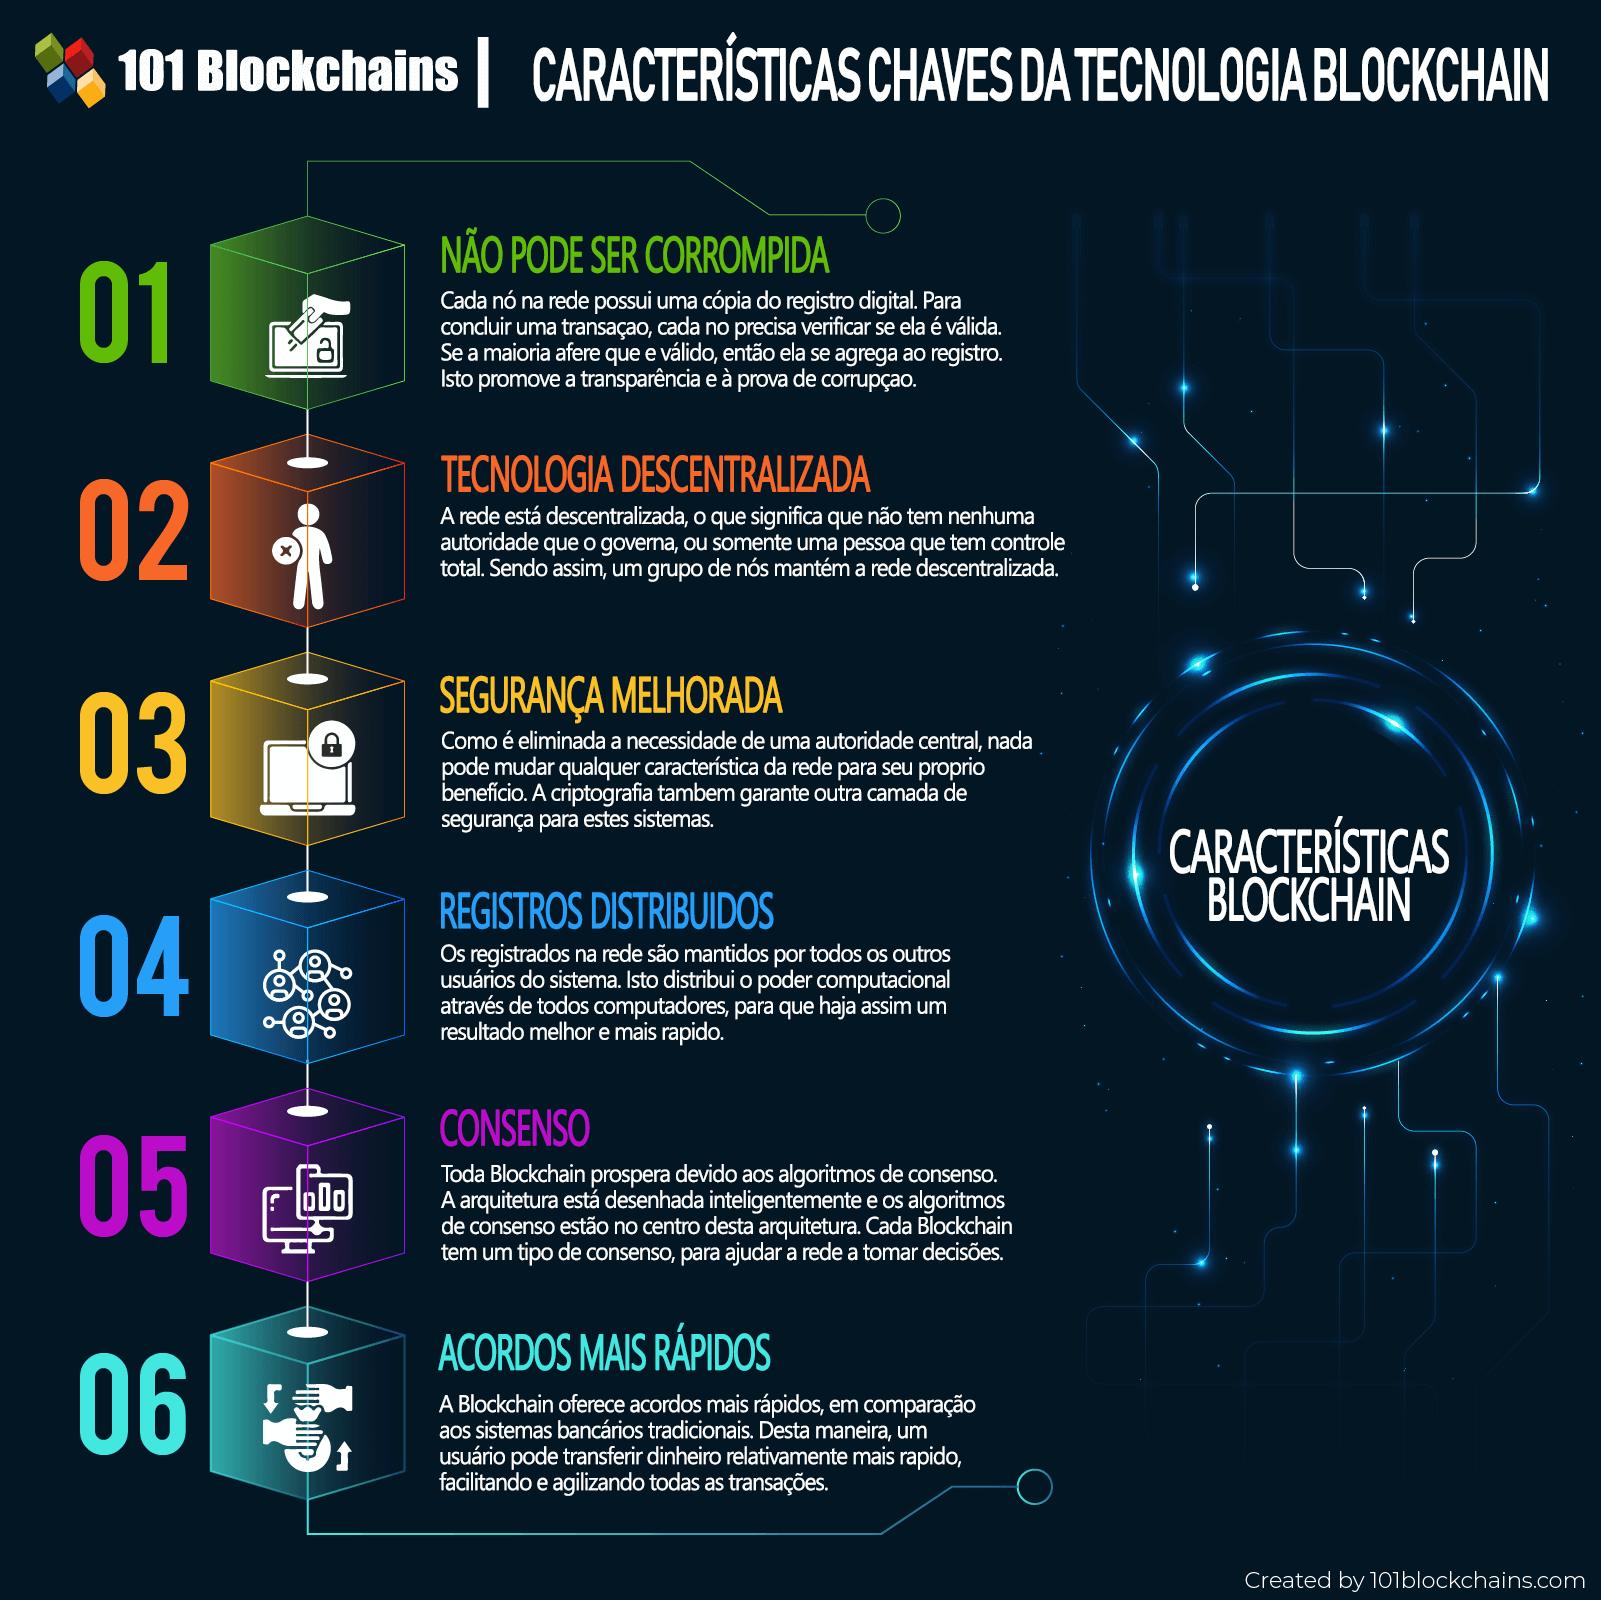 Características chaves da tecnologia blockchain